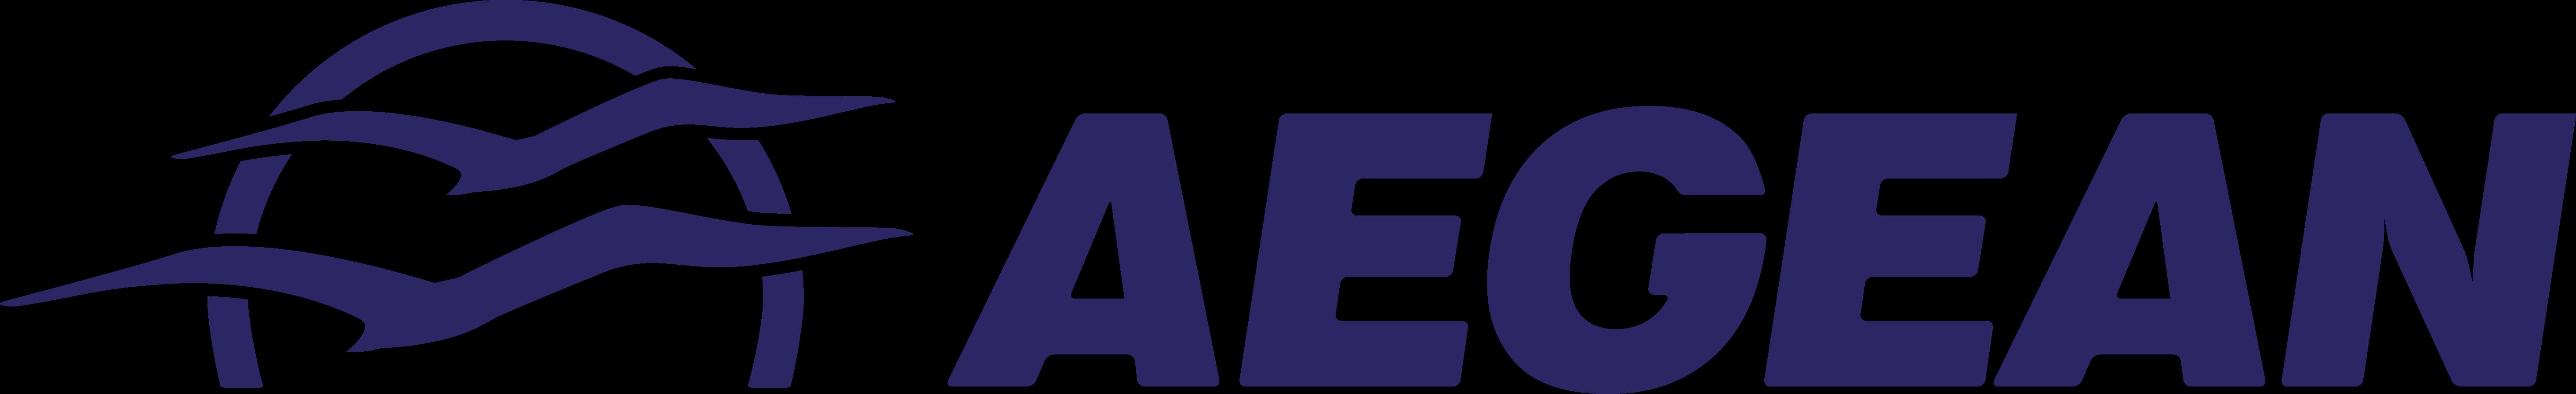 Resultado de imagen para Aegean logo